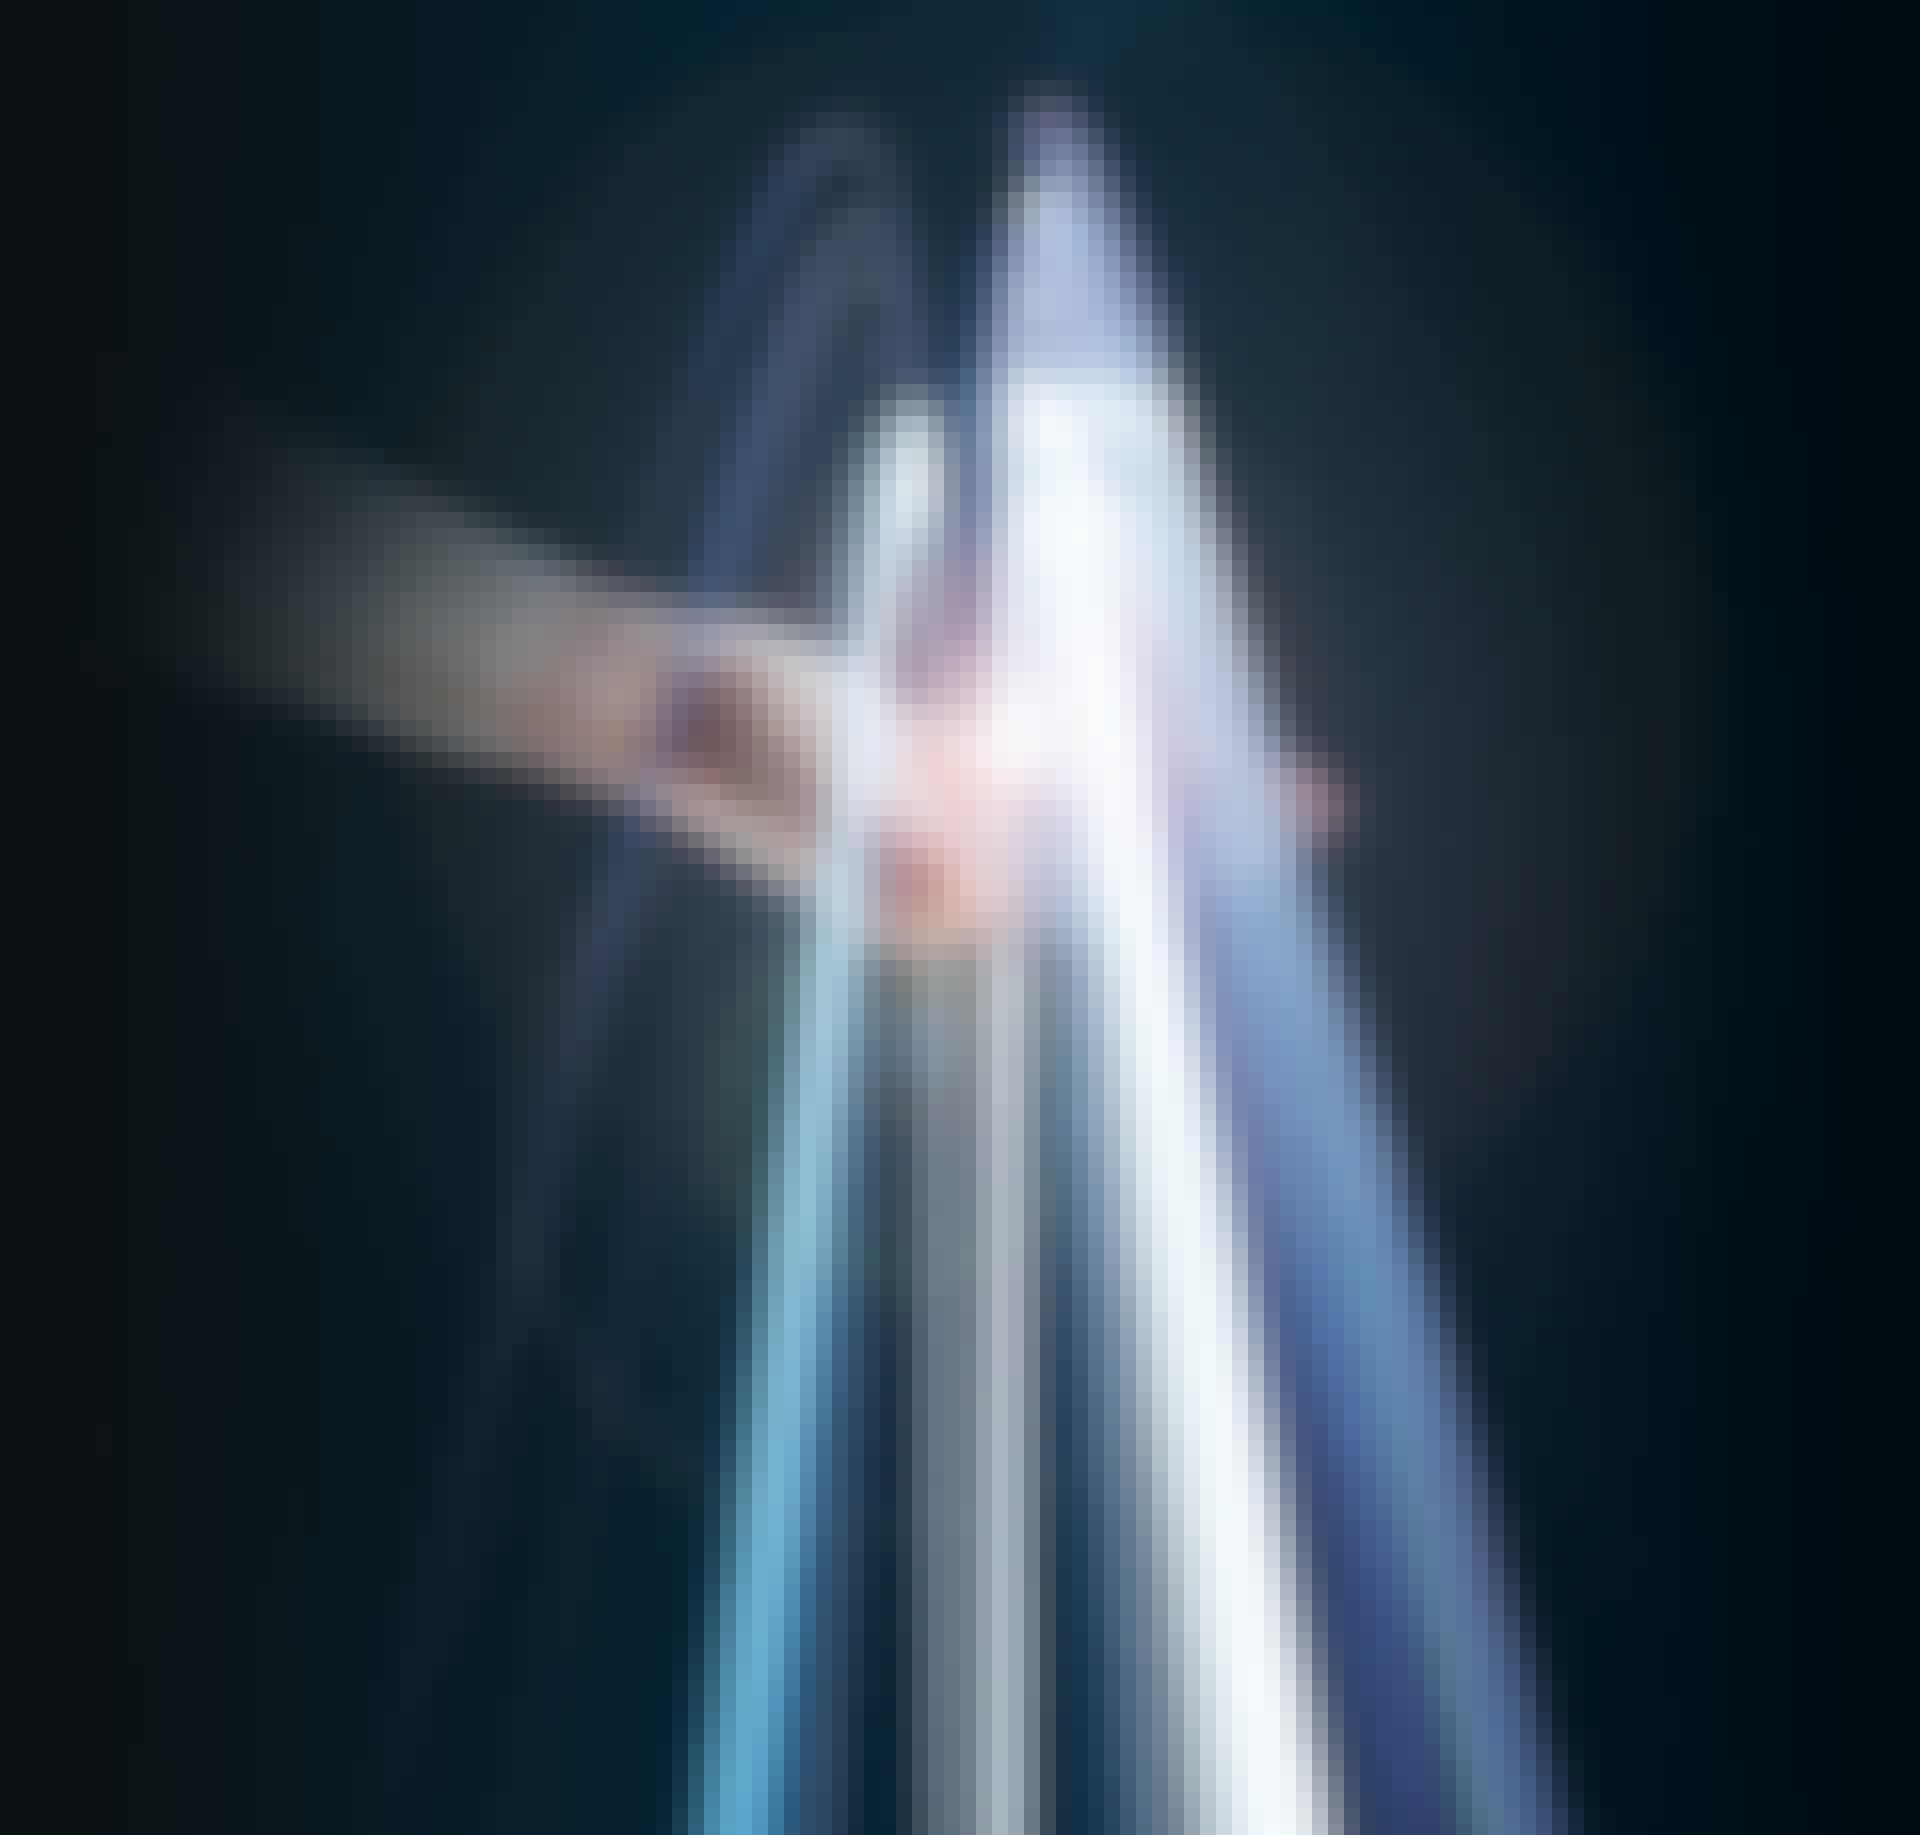 Lysstråler over håndflade